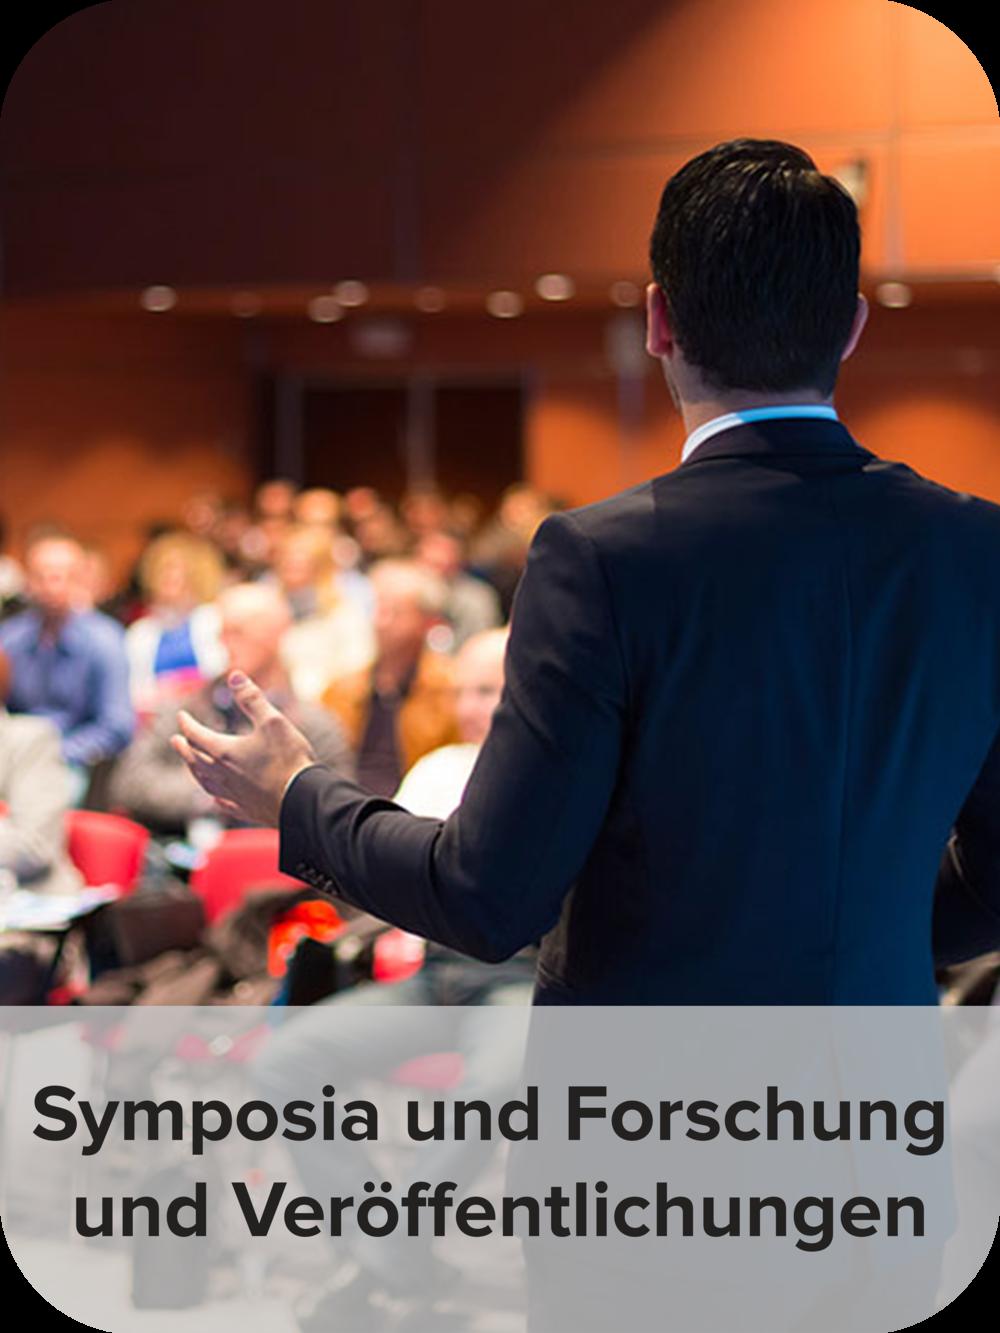 Symposia und Forschung und Veröffentlichungen.png